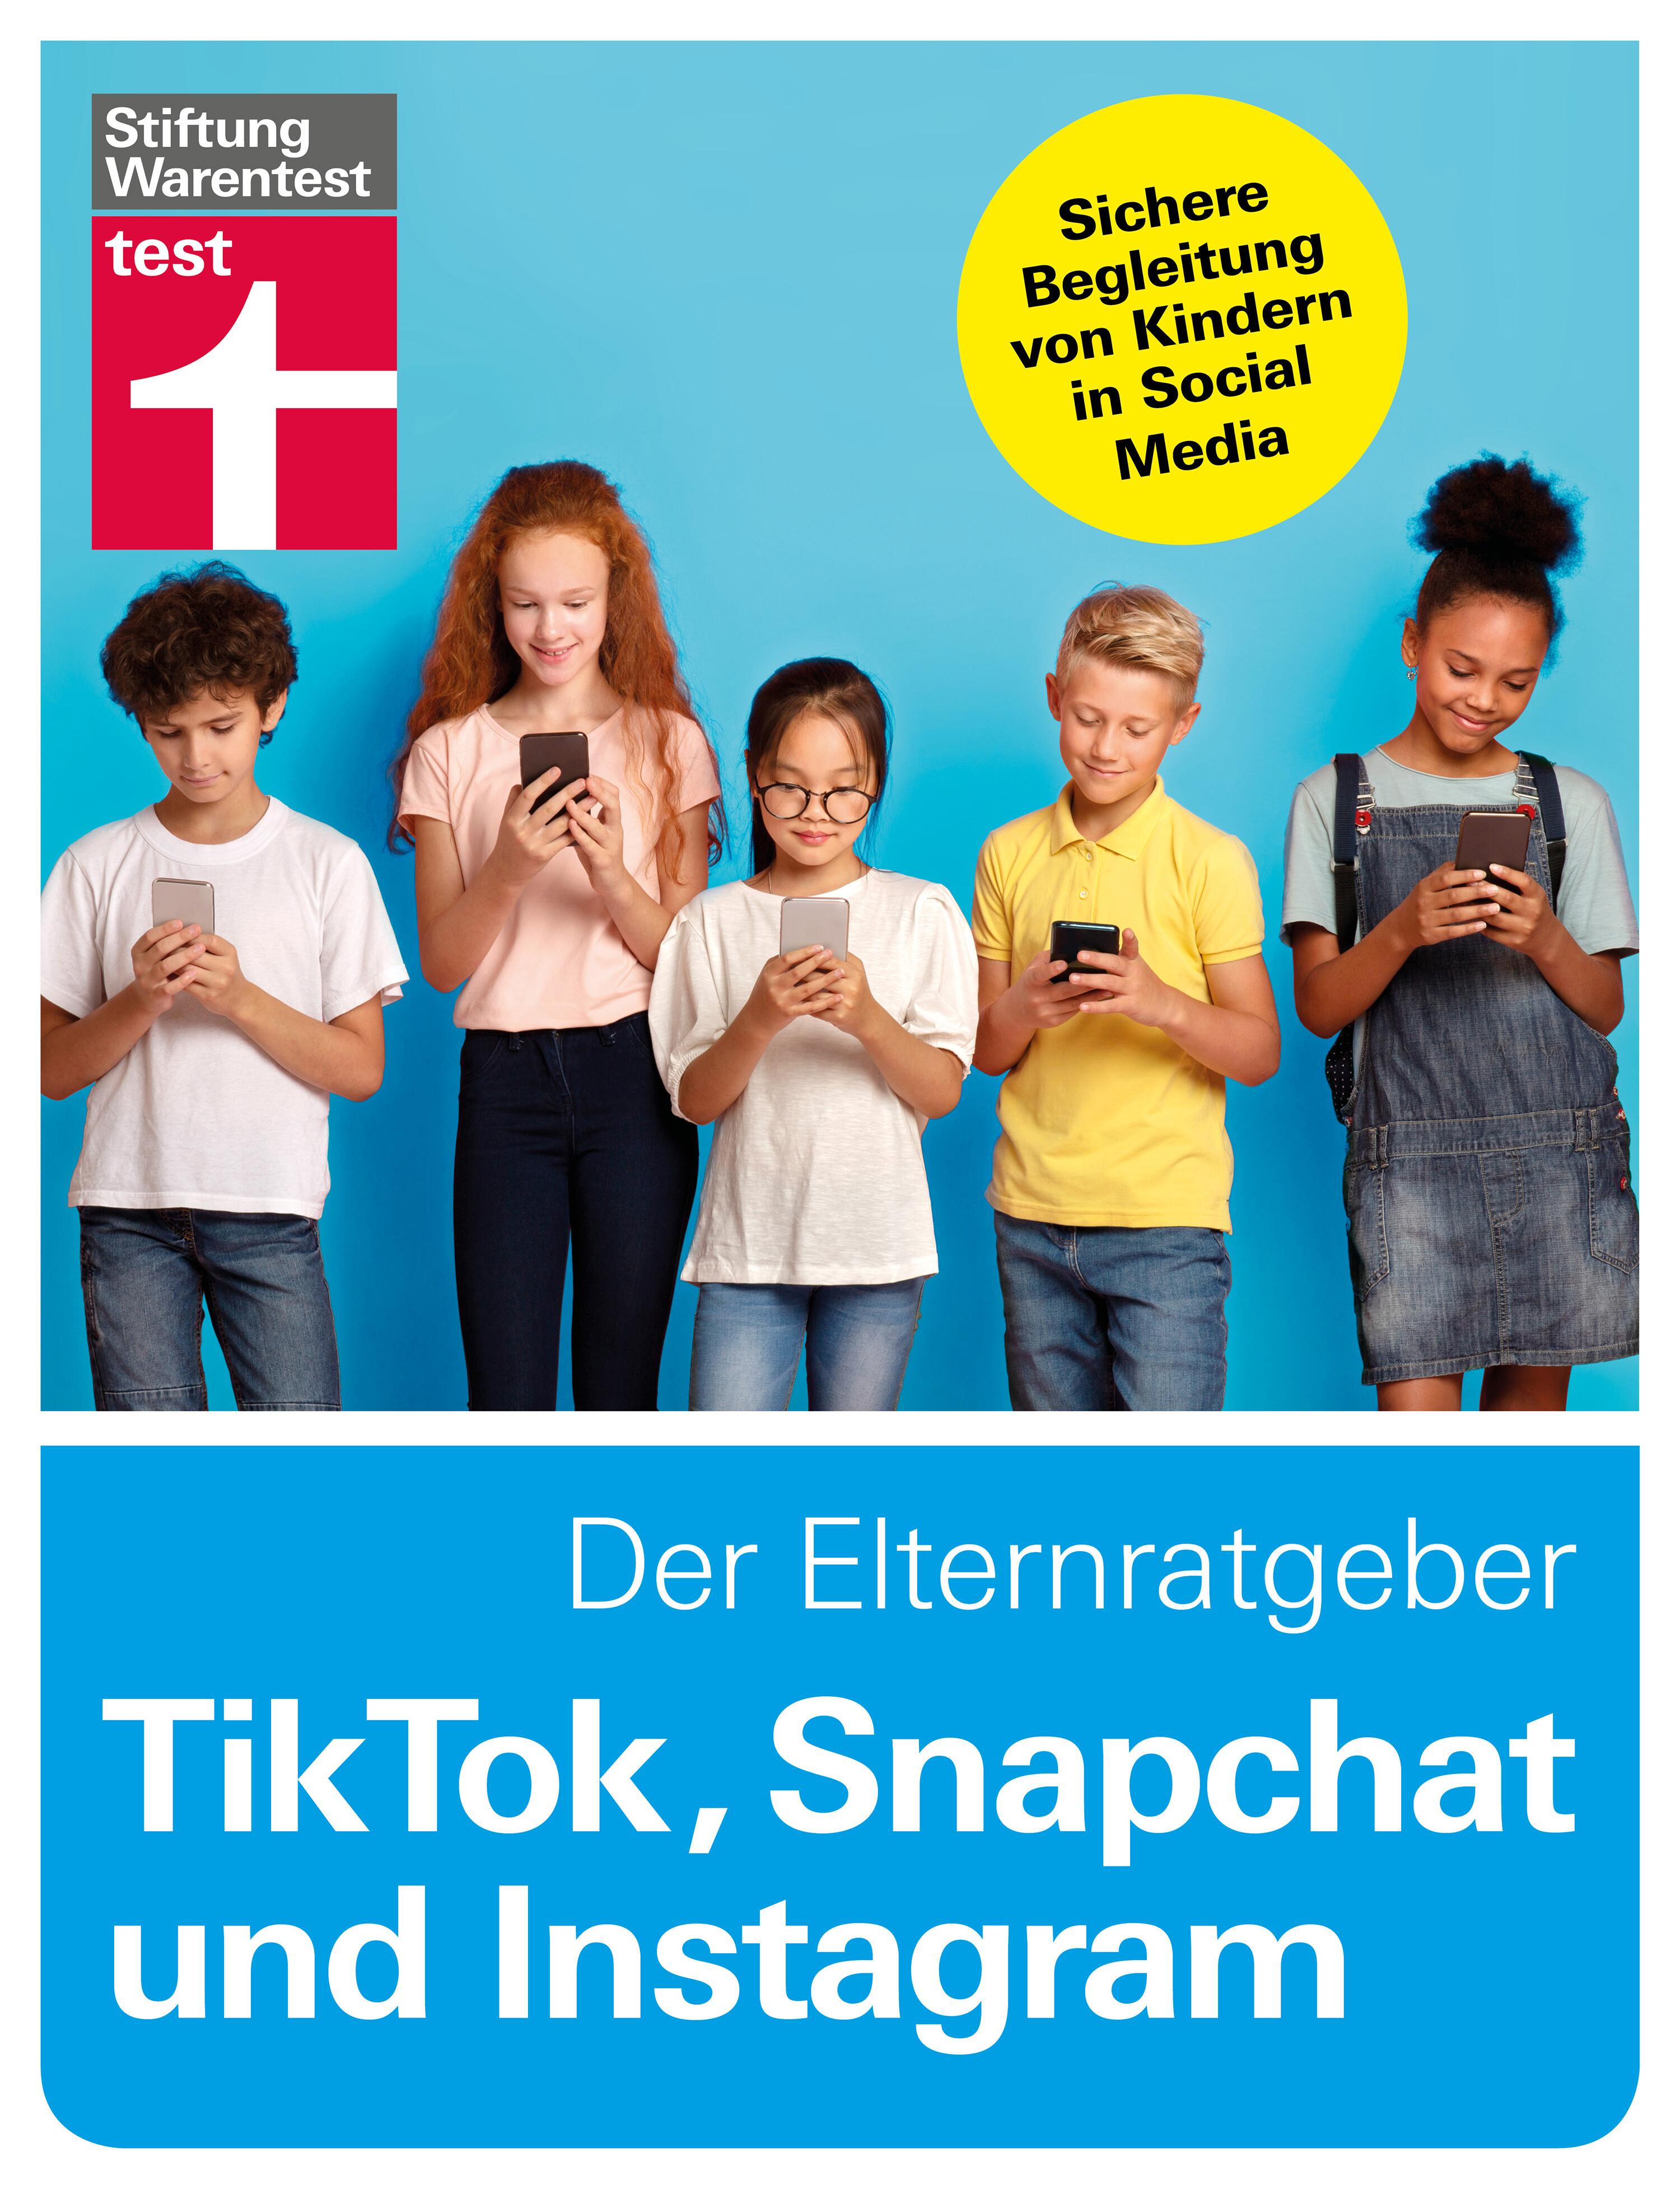 Stiftung Wartentest: Elternratgeber zum Thema TikTok, Snapchat und Instagram